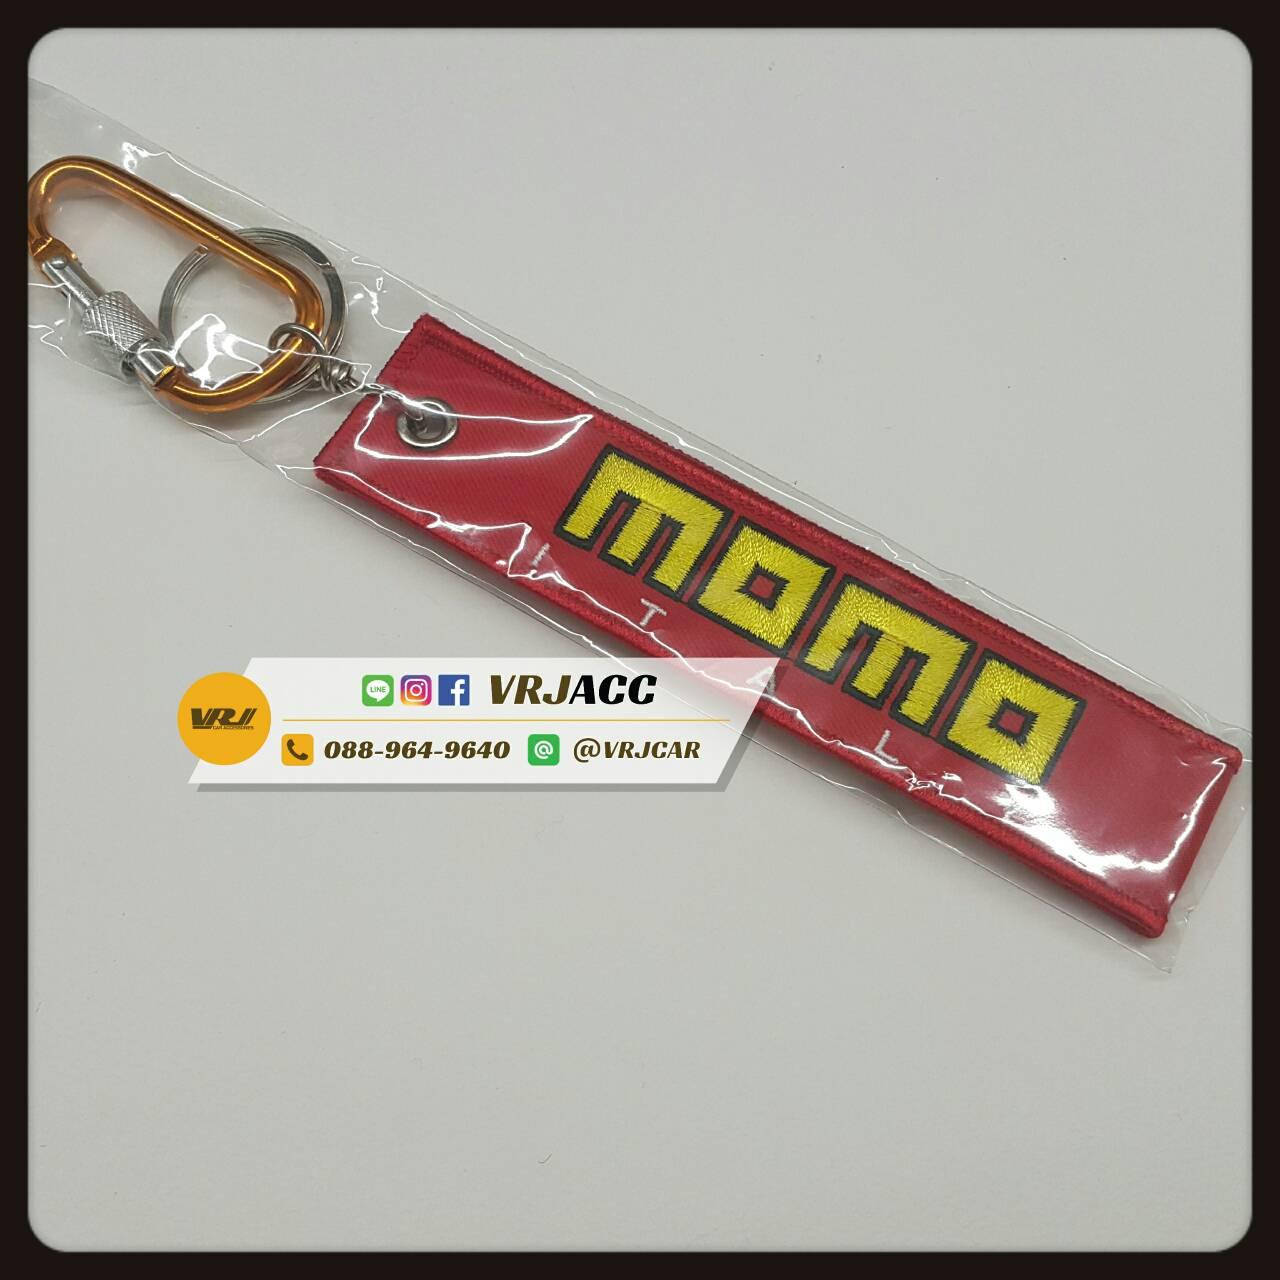 พวงกุญแจผ้า พร้อมตะขอเกี่ยว momo : Keychain